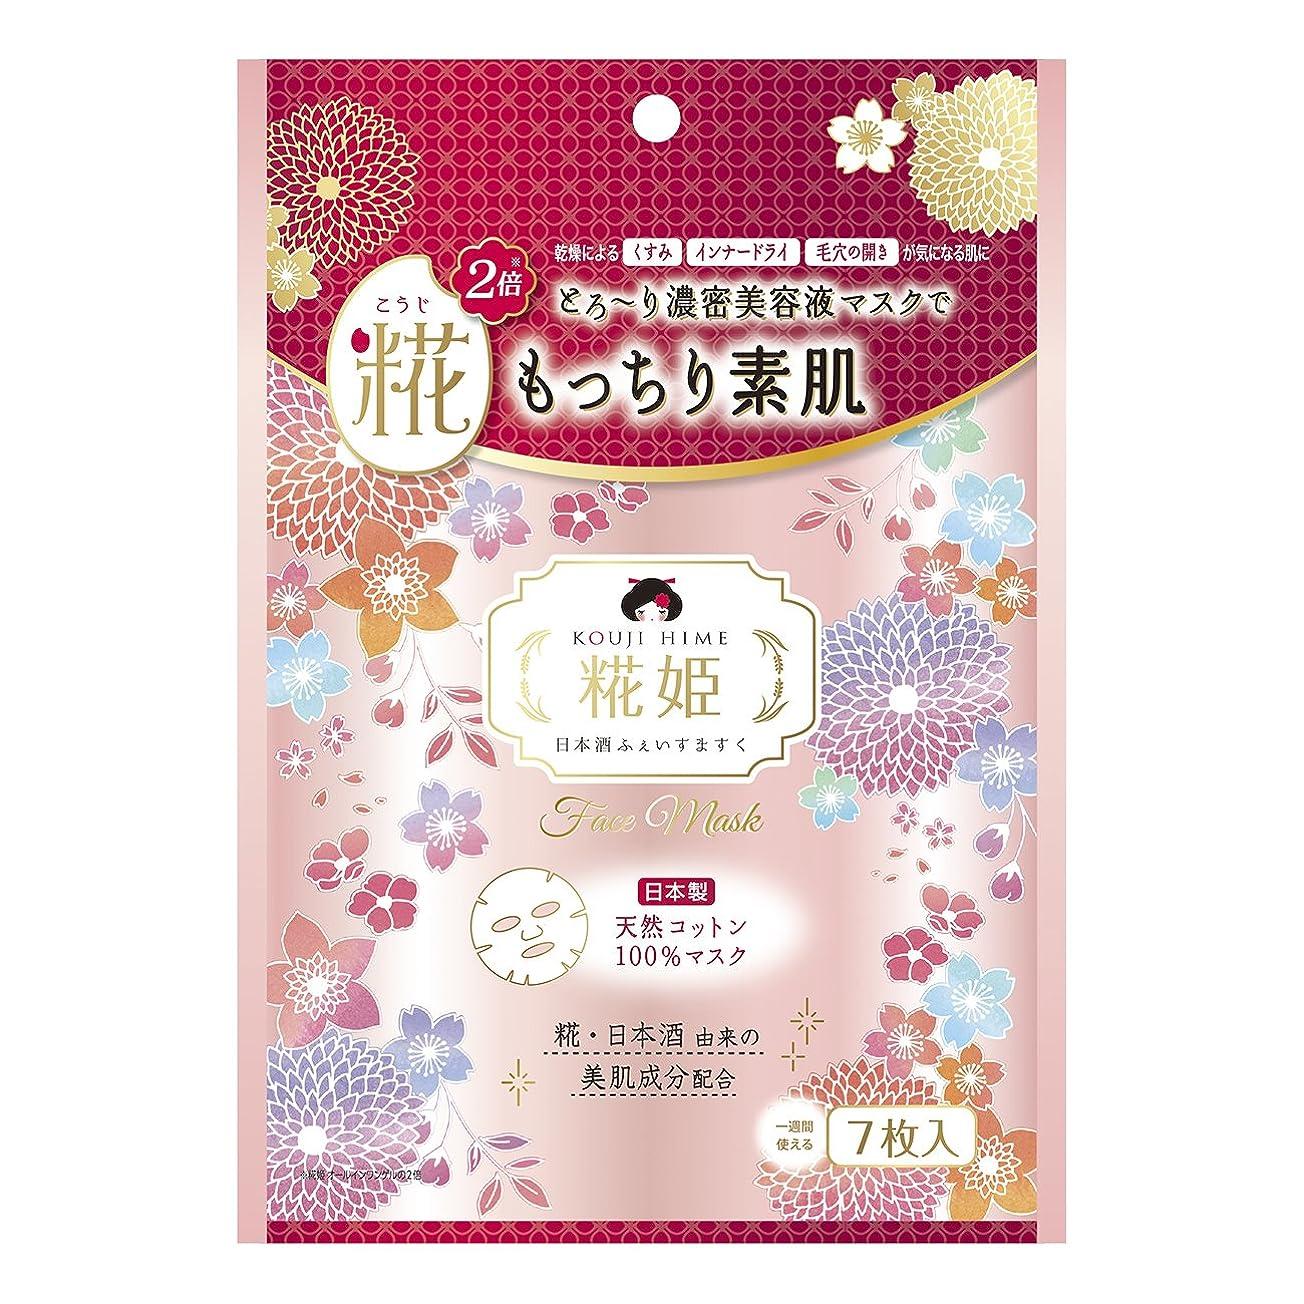 夕方起訴する項目糀姫 ふぇいすますく 7枚入 (エッセンス 110mL)